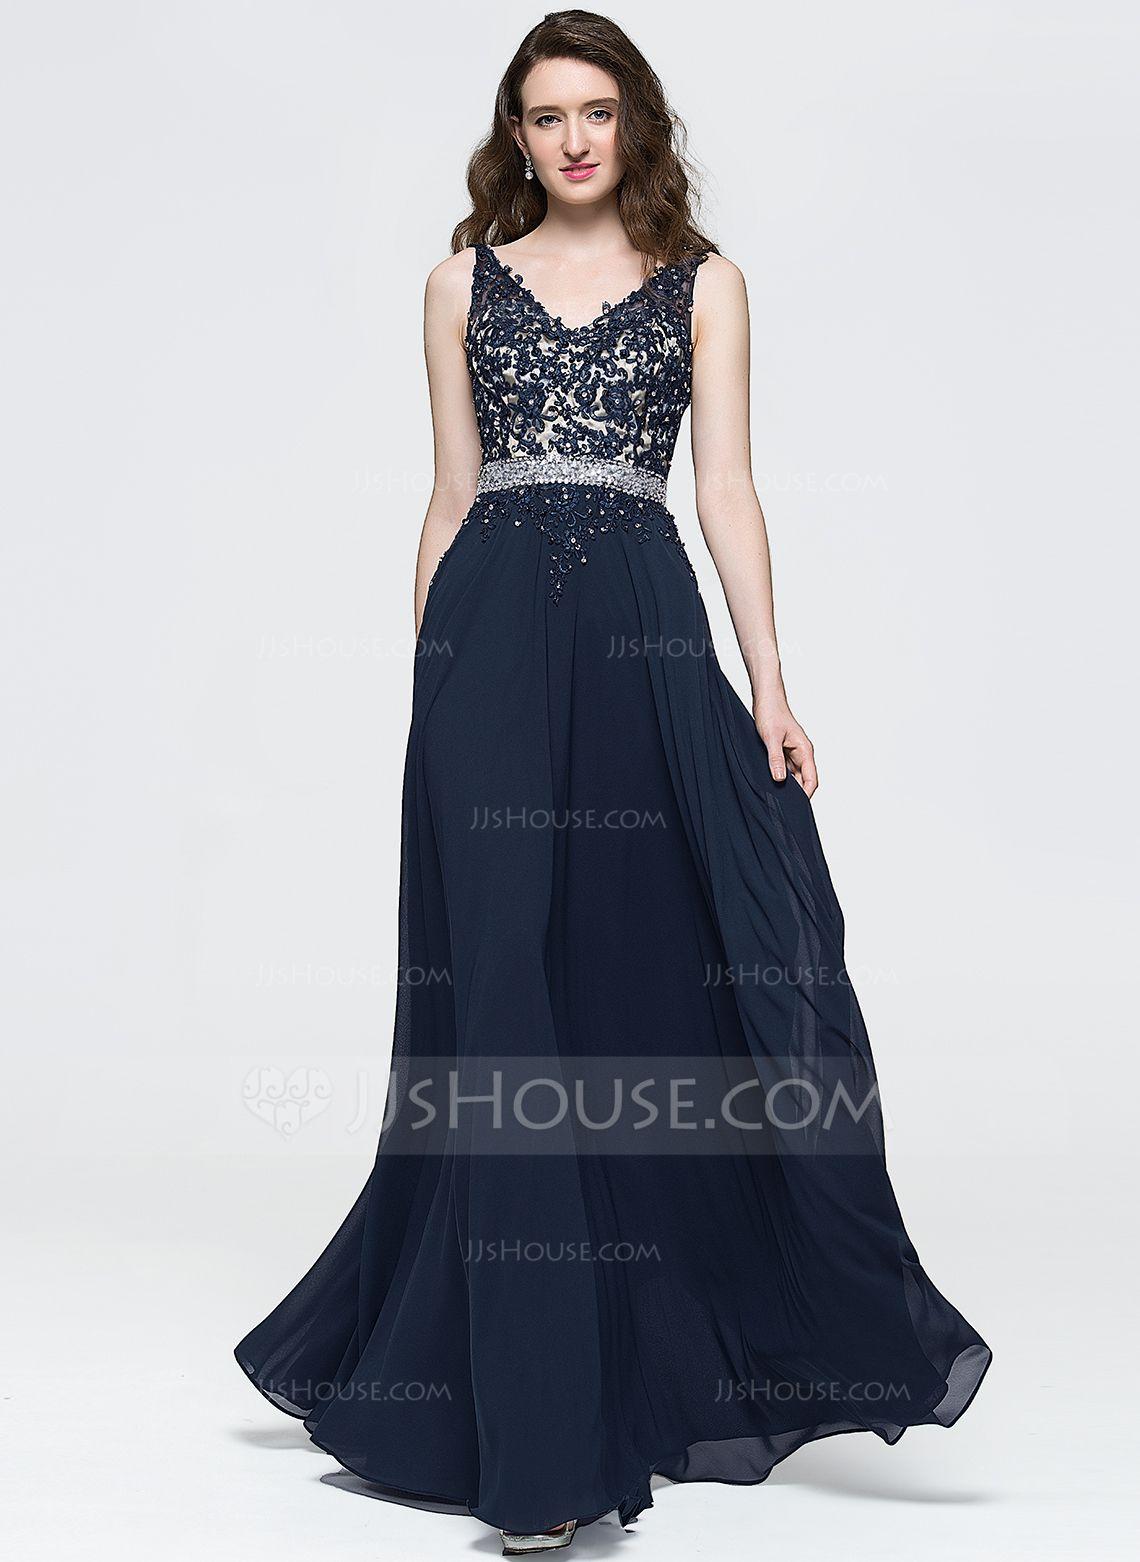 010f69043bc538 Schuhe fur bodenlanges kleid – Modische Damenkleider